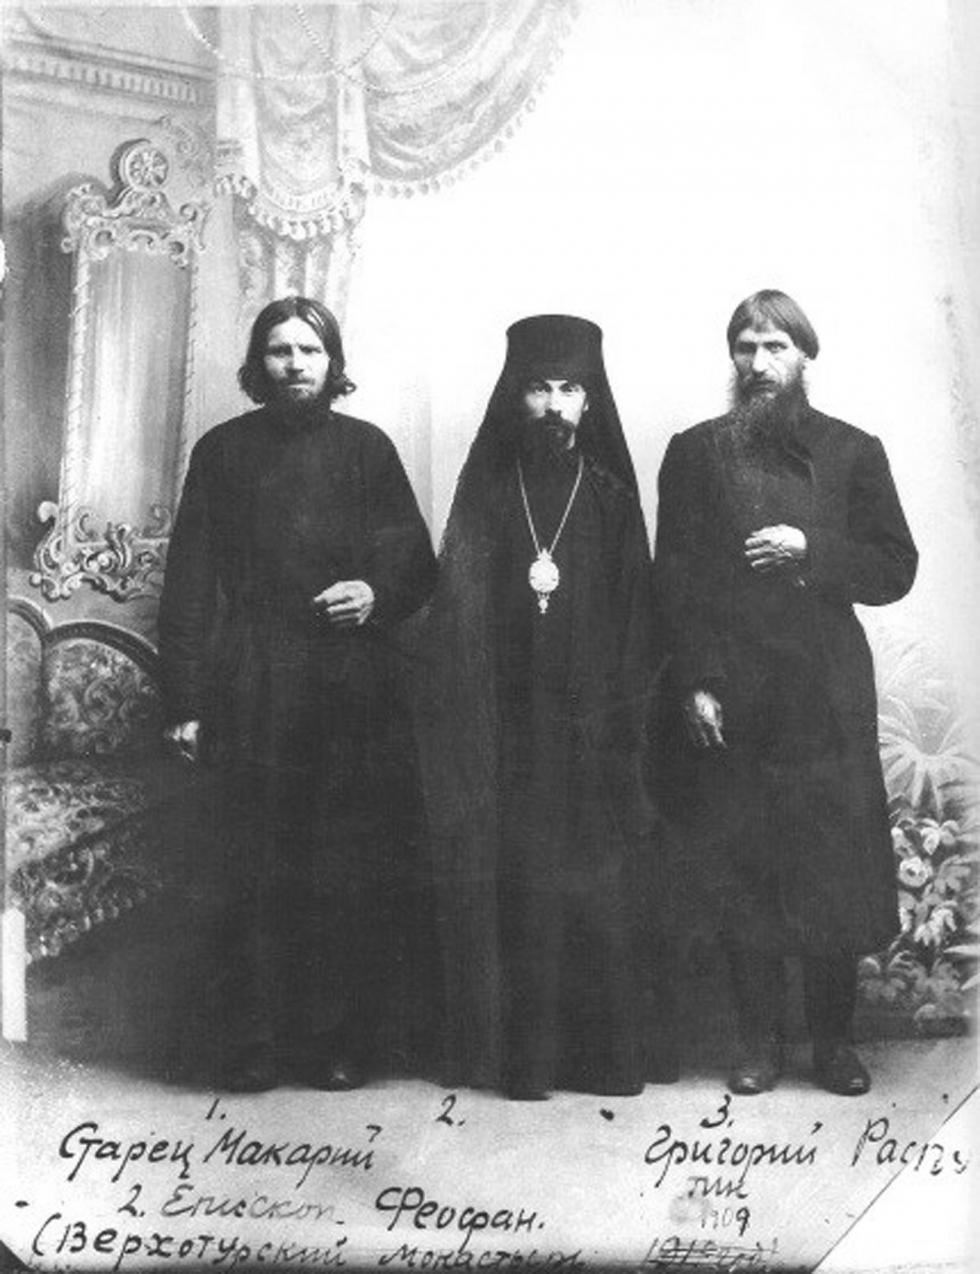 修士大司祭费奥(中)与格里高利·拉斯普京(右)。 档案图片